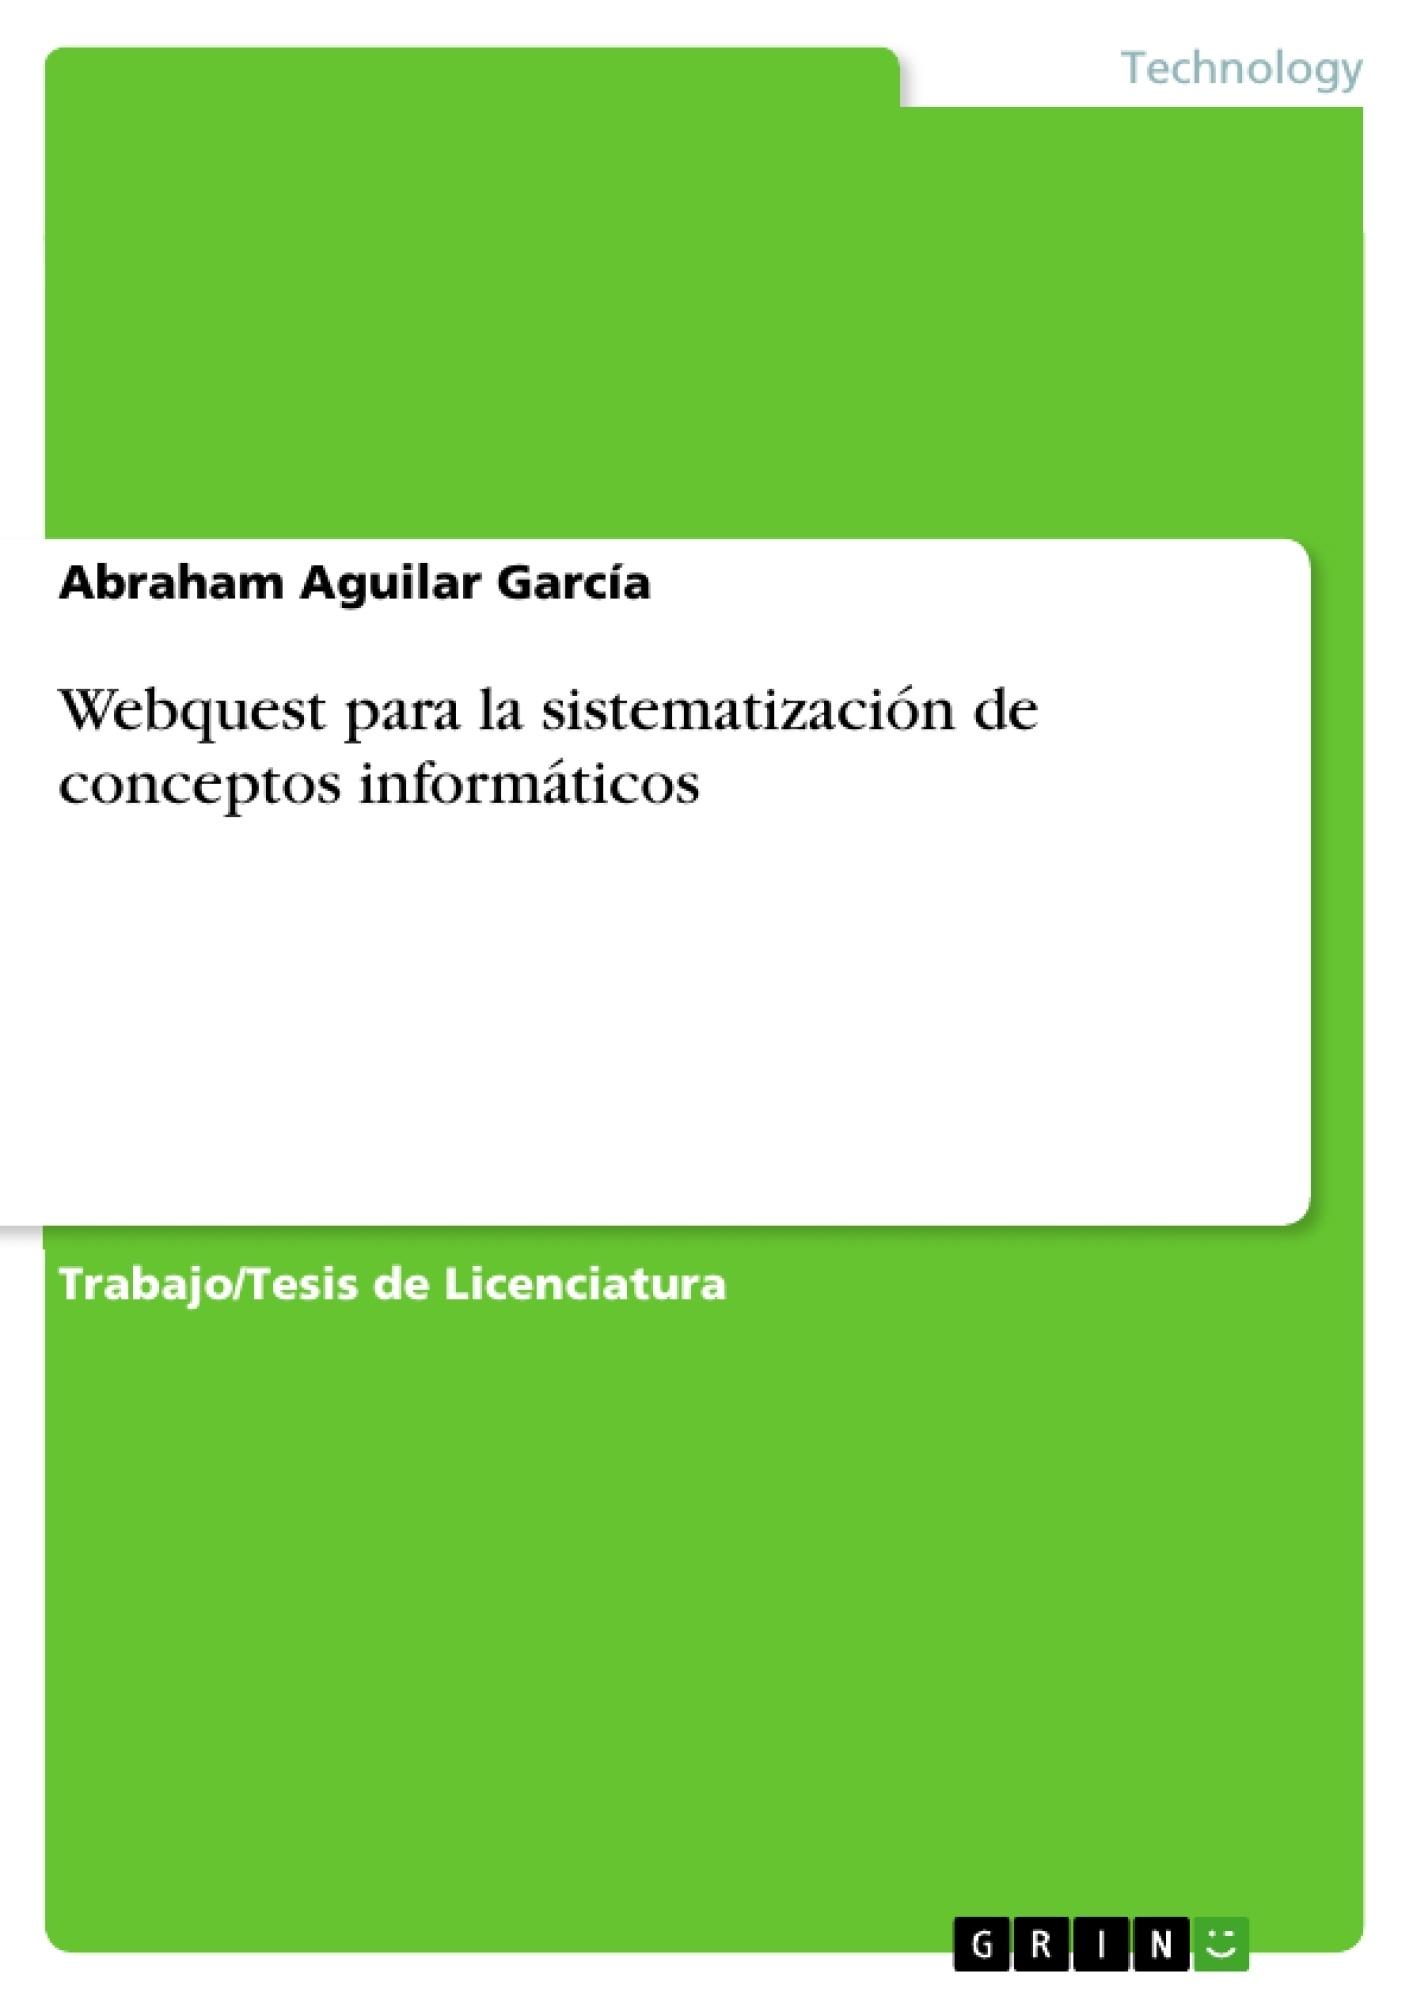 Título: Webquest para la sistematización de conceptos informáticos